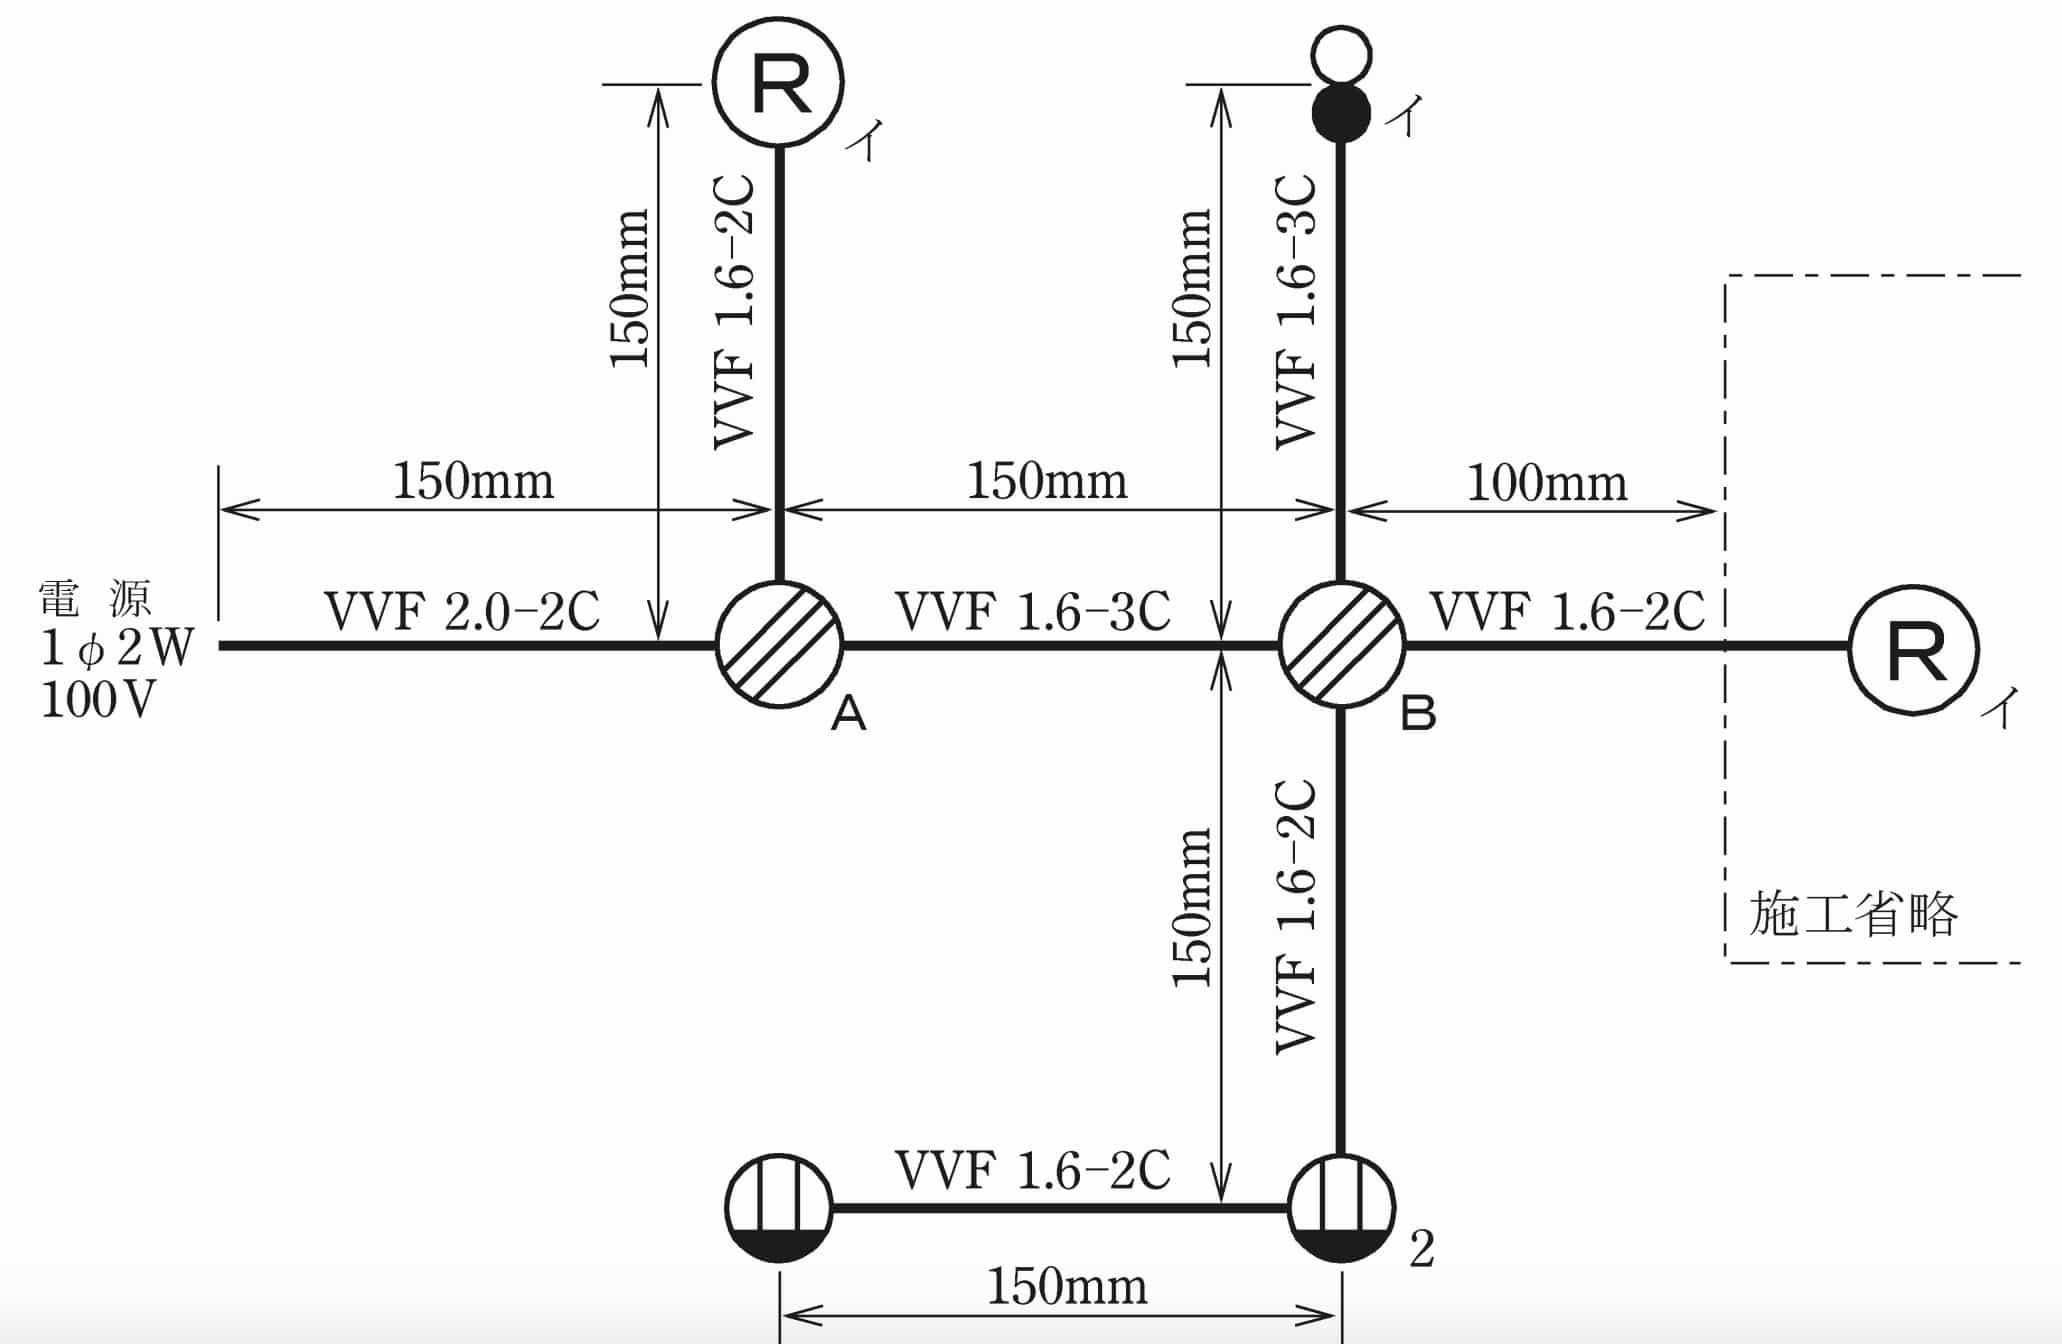 第二種電気工事士の技能試験の試験問題No.2